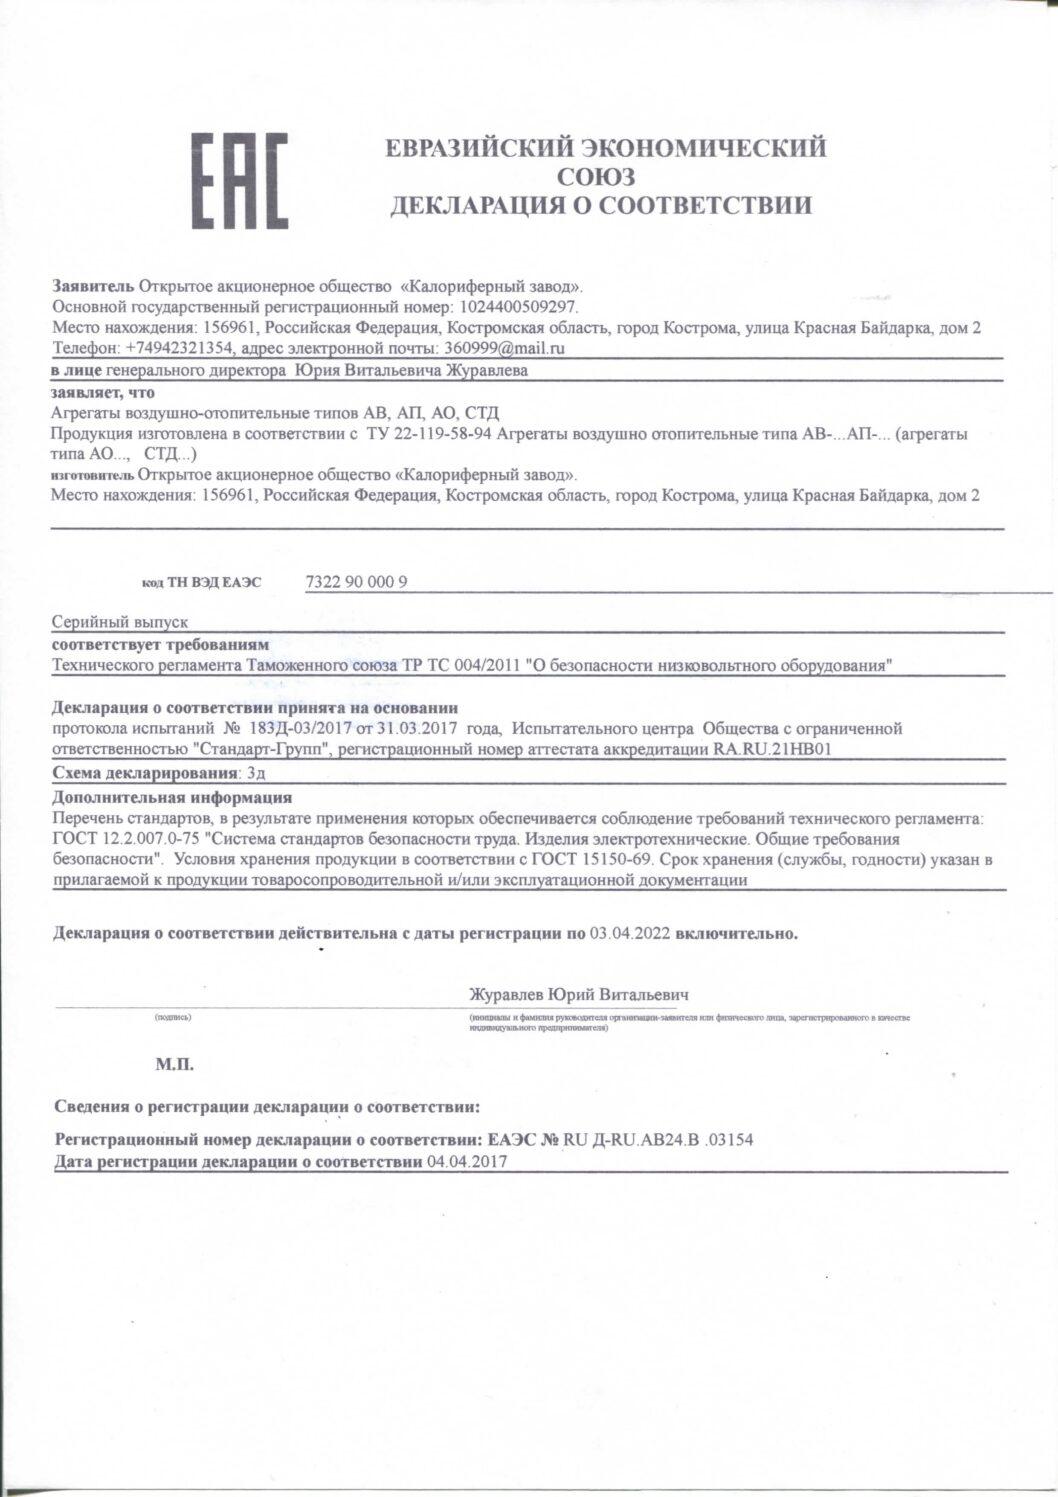 Декларация соответствия низковольтного оборудования (АВ, АП)